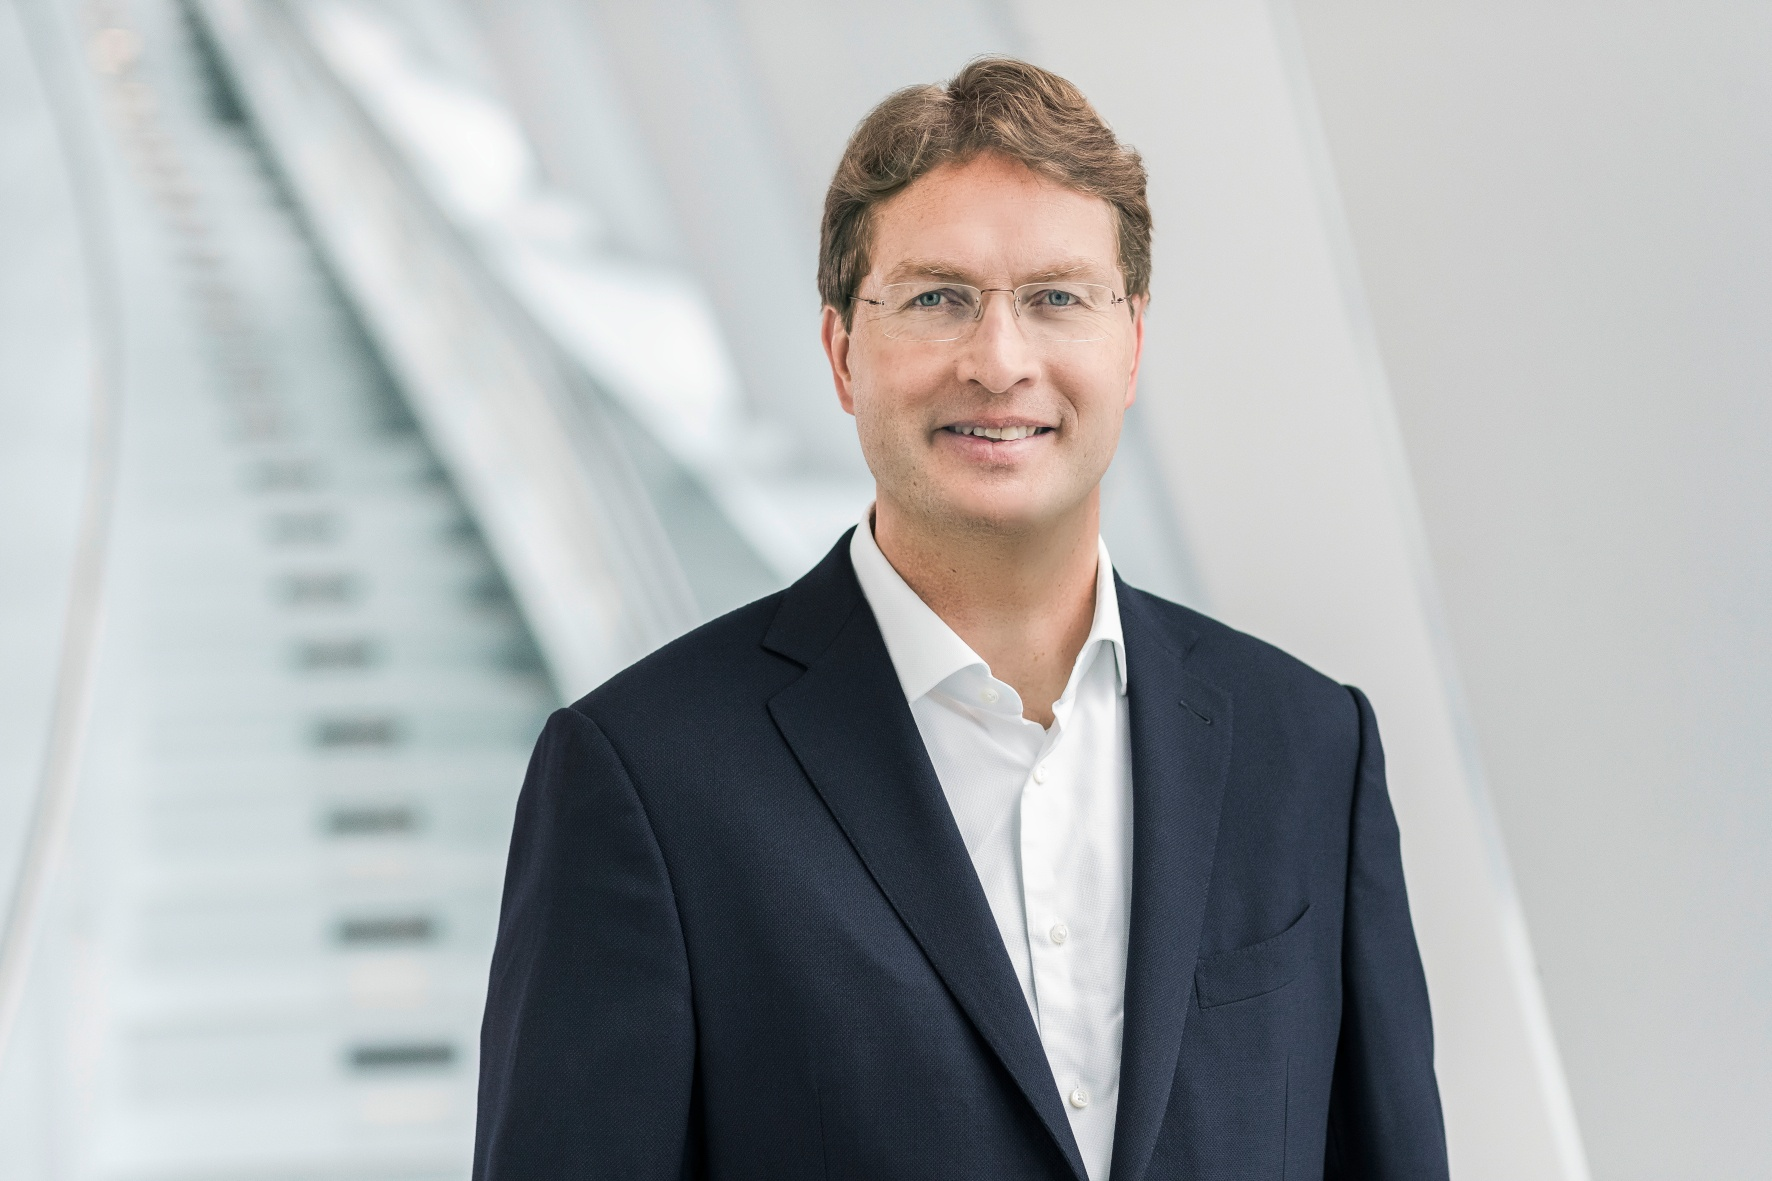 Personalie:  Daimler Chef Zetsche hat das Ruder an seinen Nachfolger übergeben